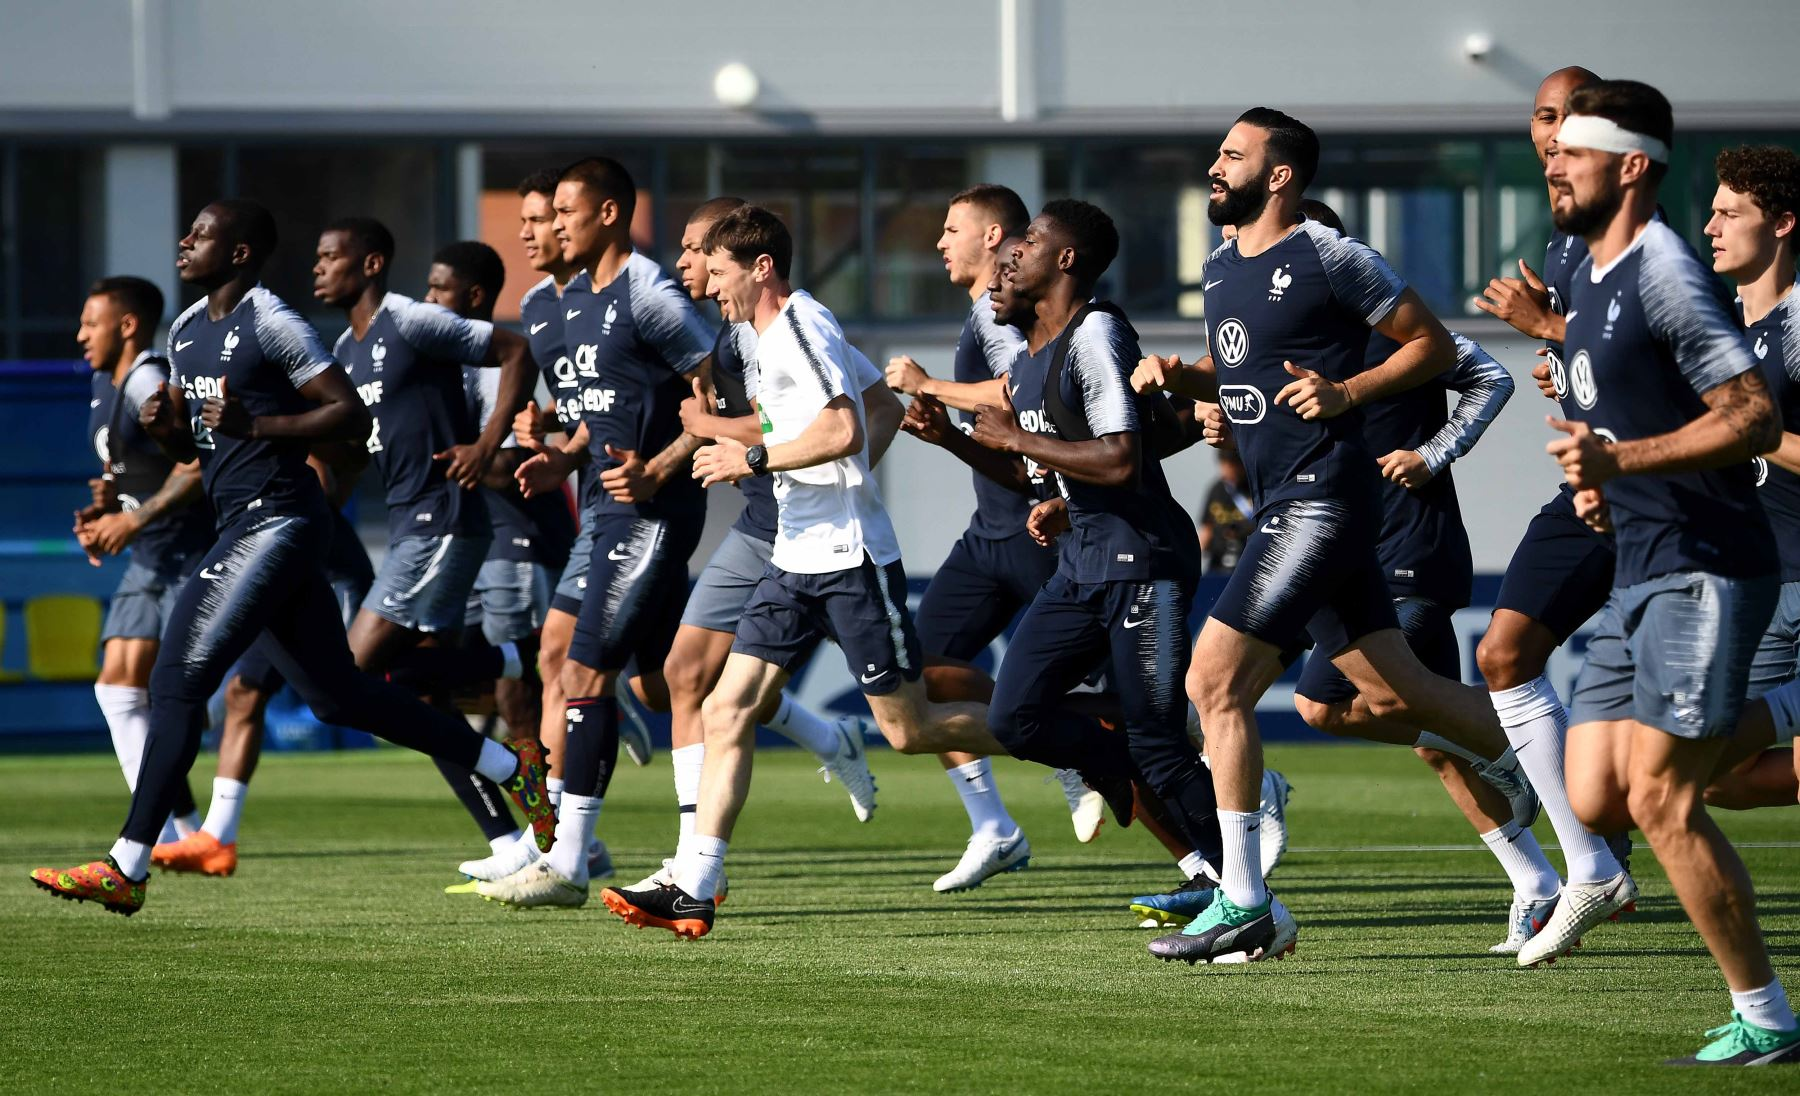 Los jugadores de Francia corren durante una sesión de entrenamiento en el estadio Glebovets en Istra, al oeste de Moscú, antes del partido de fútbol del Grupo C de la Copa Mundial Rusia 2018 contra Perú. Foto: AFP